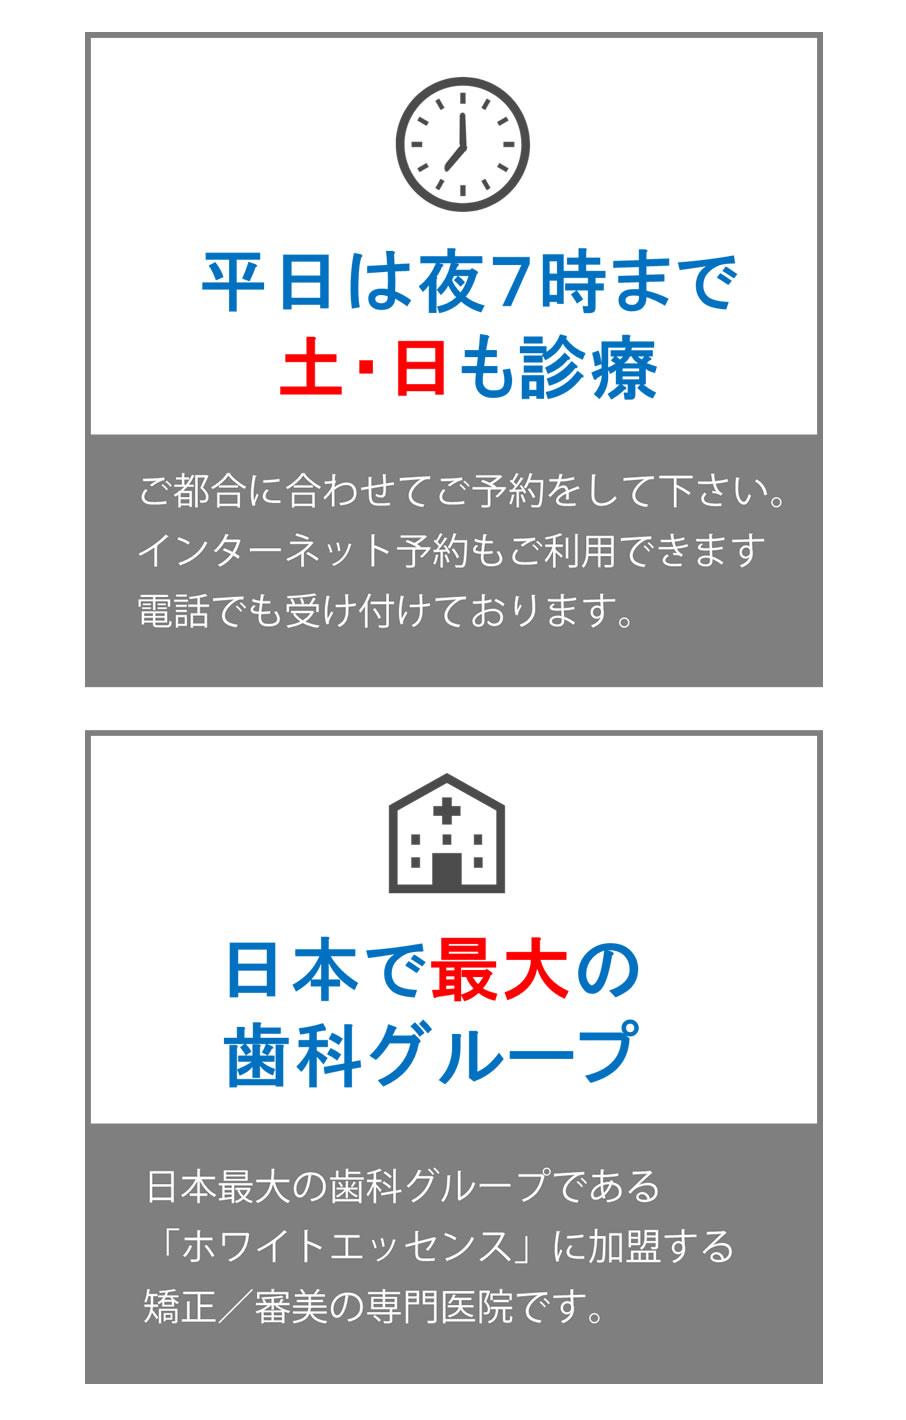 平日は夜7時まで、土日も診療・日本で最大の歯科グループ